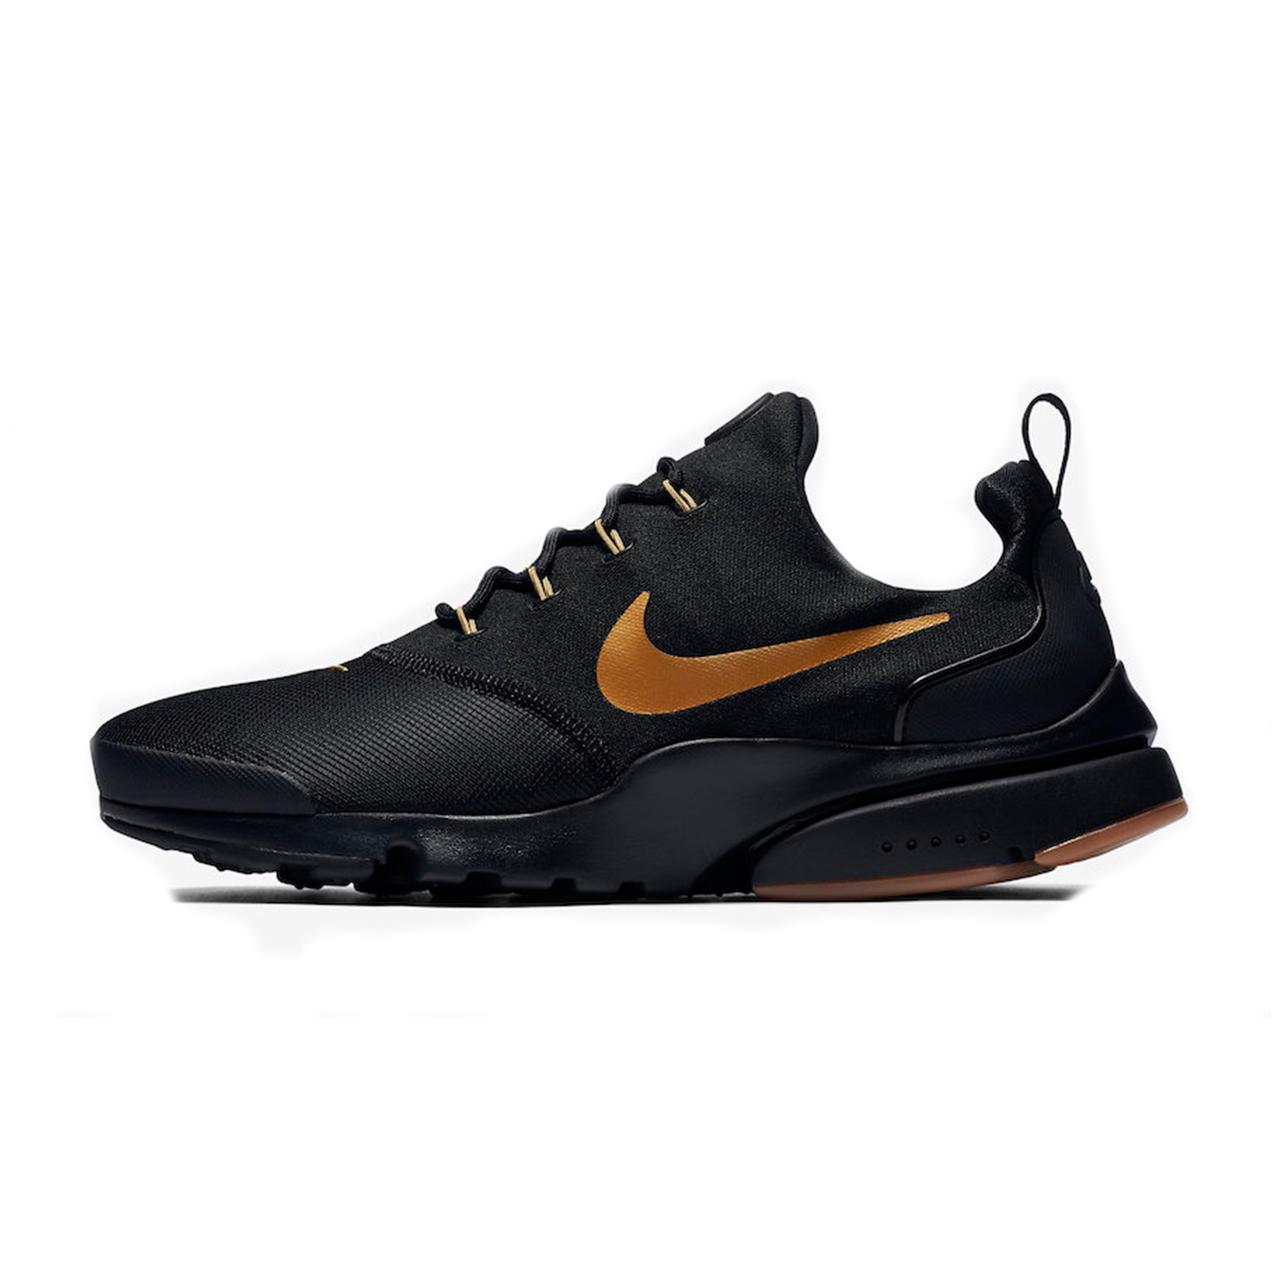 کفش مخصوص دویدن مردانه نایکی مدل 908019-010